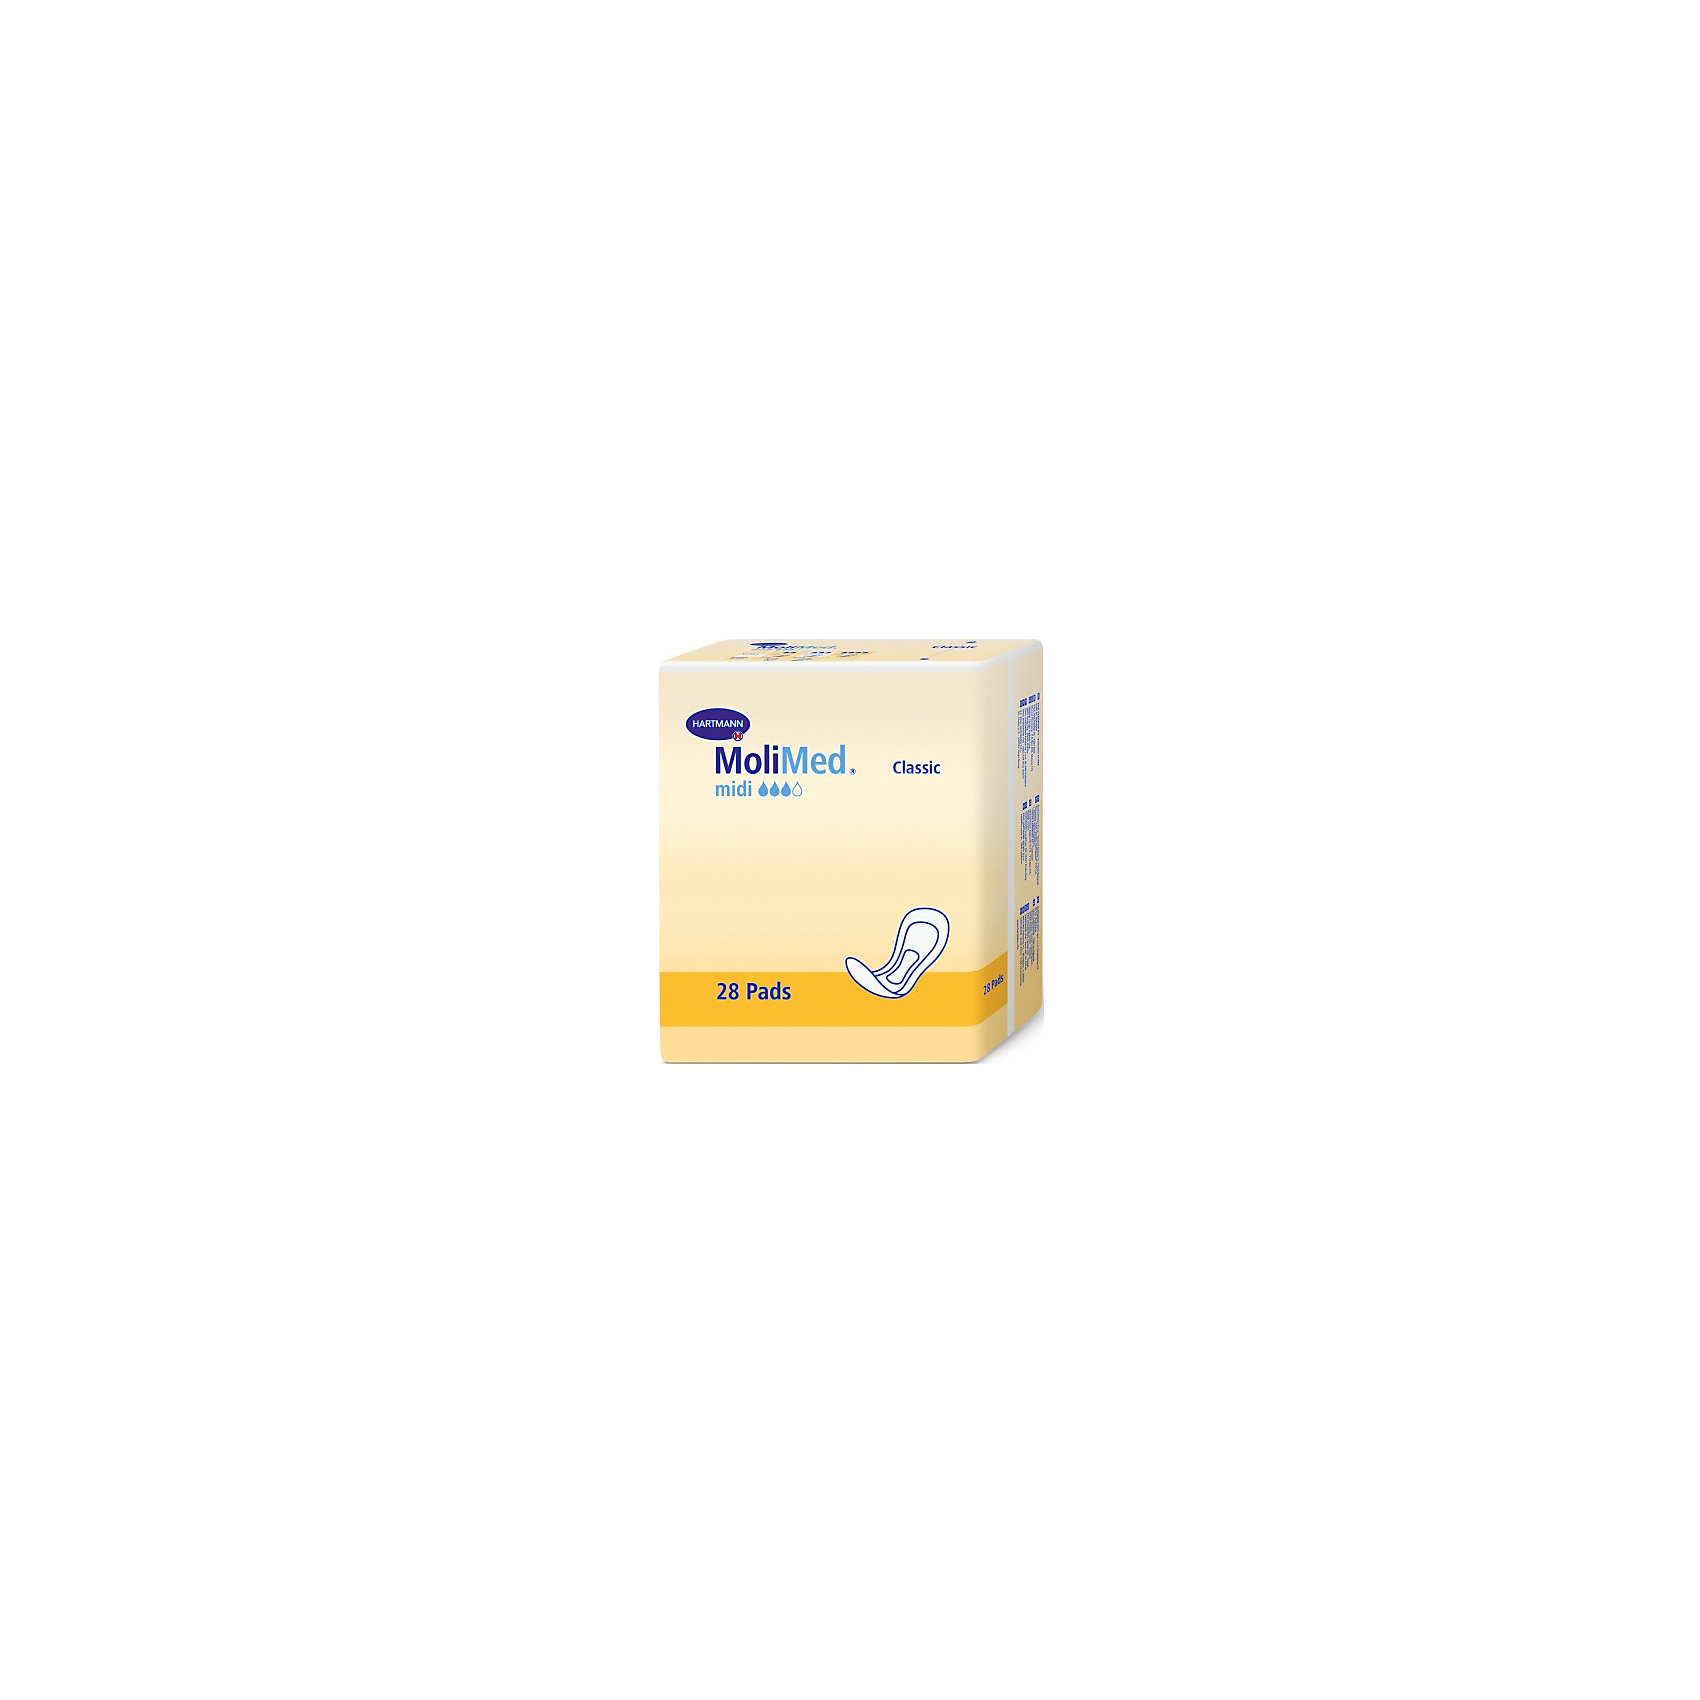 Прокладки MoliMed Classic midi впитываемость 441 мл, 28шт, HartmannСредства для ухода<br>Прокладки анатомической формы, изготовленная из экологически чистого сырья, с трехслойной впитывающей подушкой<br>- Суперабсорбент High Dry SAP, превращающий жидкость в гель, сохраняет кожу сухой, удерживает жидкость и запах внутри<br>- Верхний впитывающий слой на основе закрученной целлюлозы оказывает антибактериальный эффект и поддерживает благоприятный для кожи фактор pH 5,5<br>- Трехслойная впитывающая подушка обеспечивает максимальную впитываемость при минимальной толщине<br>- Широкая клеящая полоска надежно фиксирует прокладку к белью, препятствуя смещению.<br>- Дерматологически протестированы, не раздражают кожу<br><br>Ширина мм: 120<br>Глубина мм: 220<br>Высота мм: 150<br>Вес г: 650<br>Возраст от месяцев: 216<br>Возраст до месяцев: 1188<br>Пол: Унисекс<br>Возраст: Детский<br>SKU: 4796668